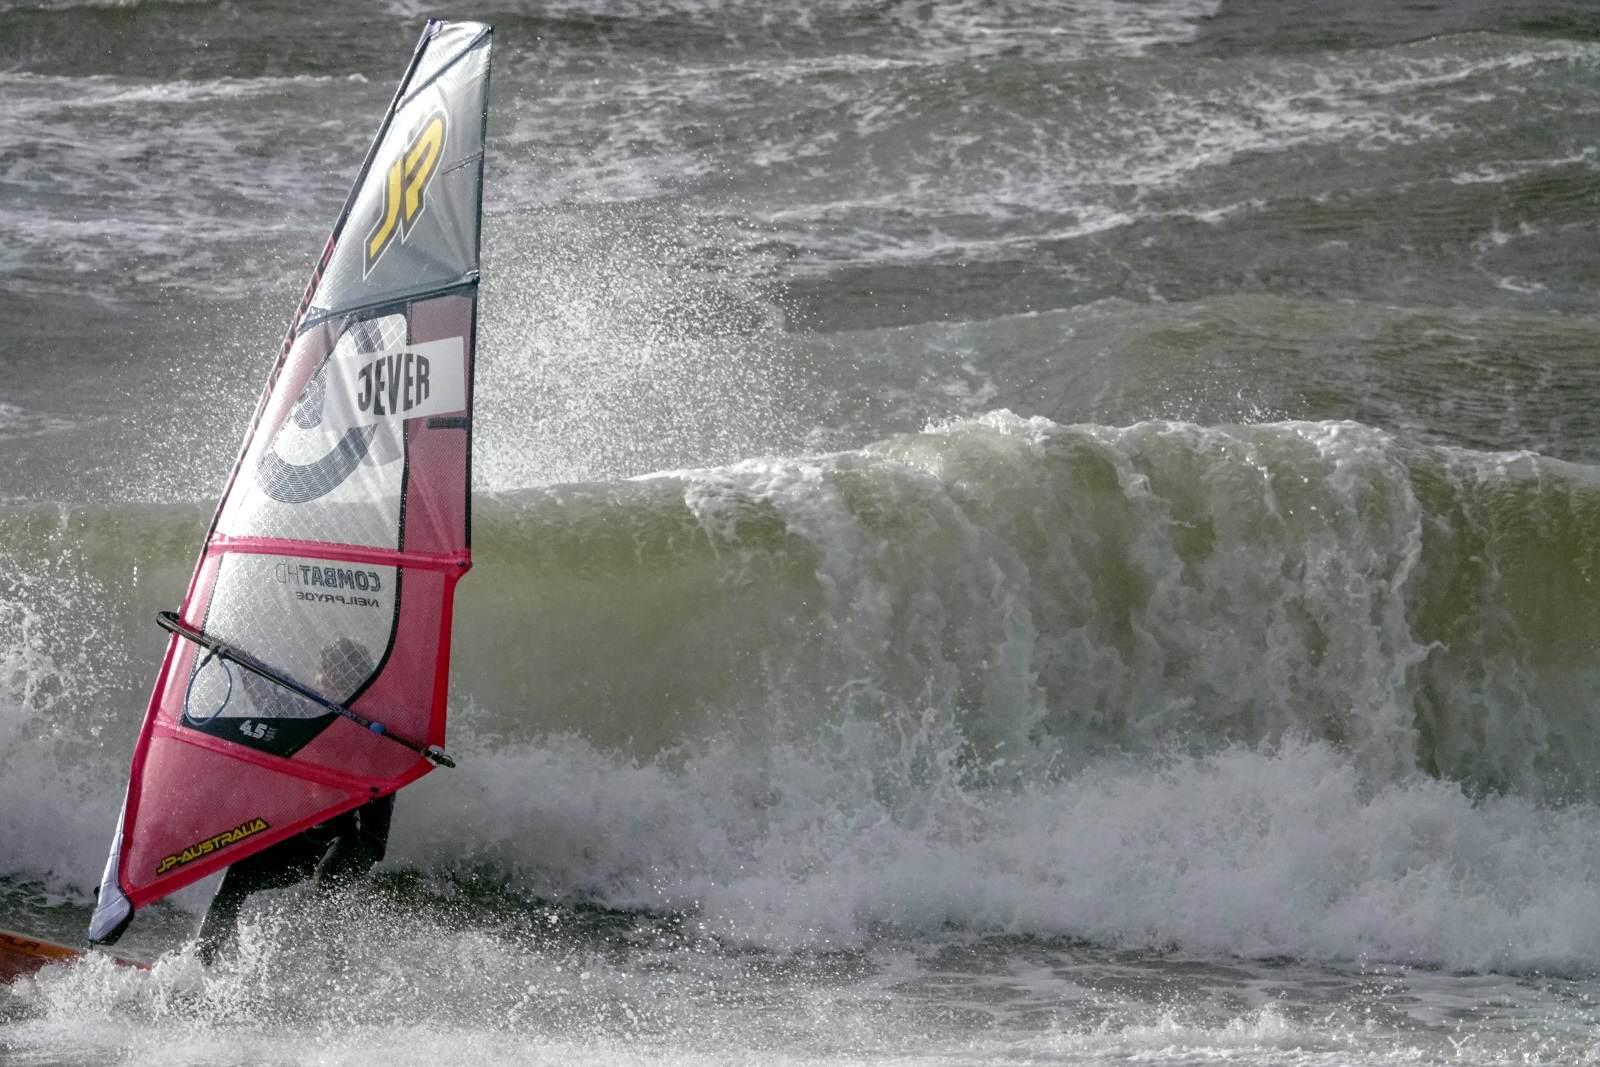 Spannende Wettkämpfe, teilweise im Sturm, beim Surf Cup Sylt 2018